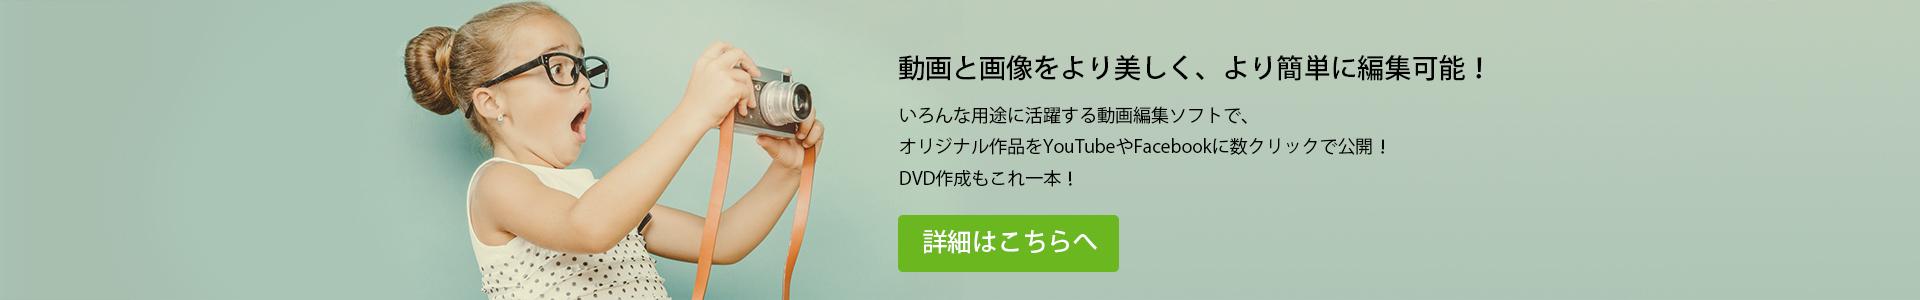 動画編集ソフトおすすめ